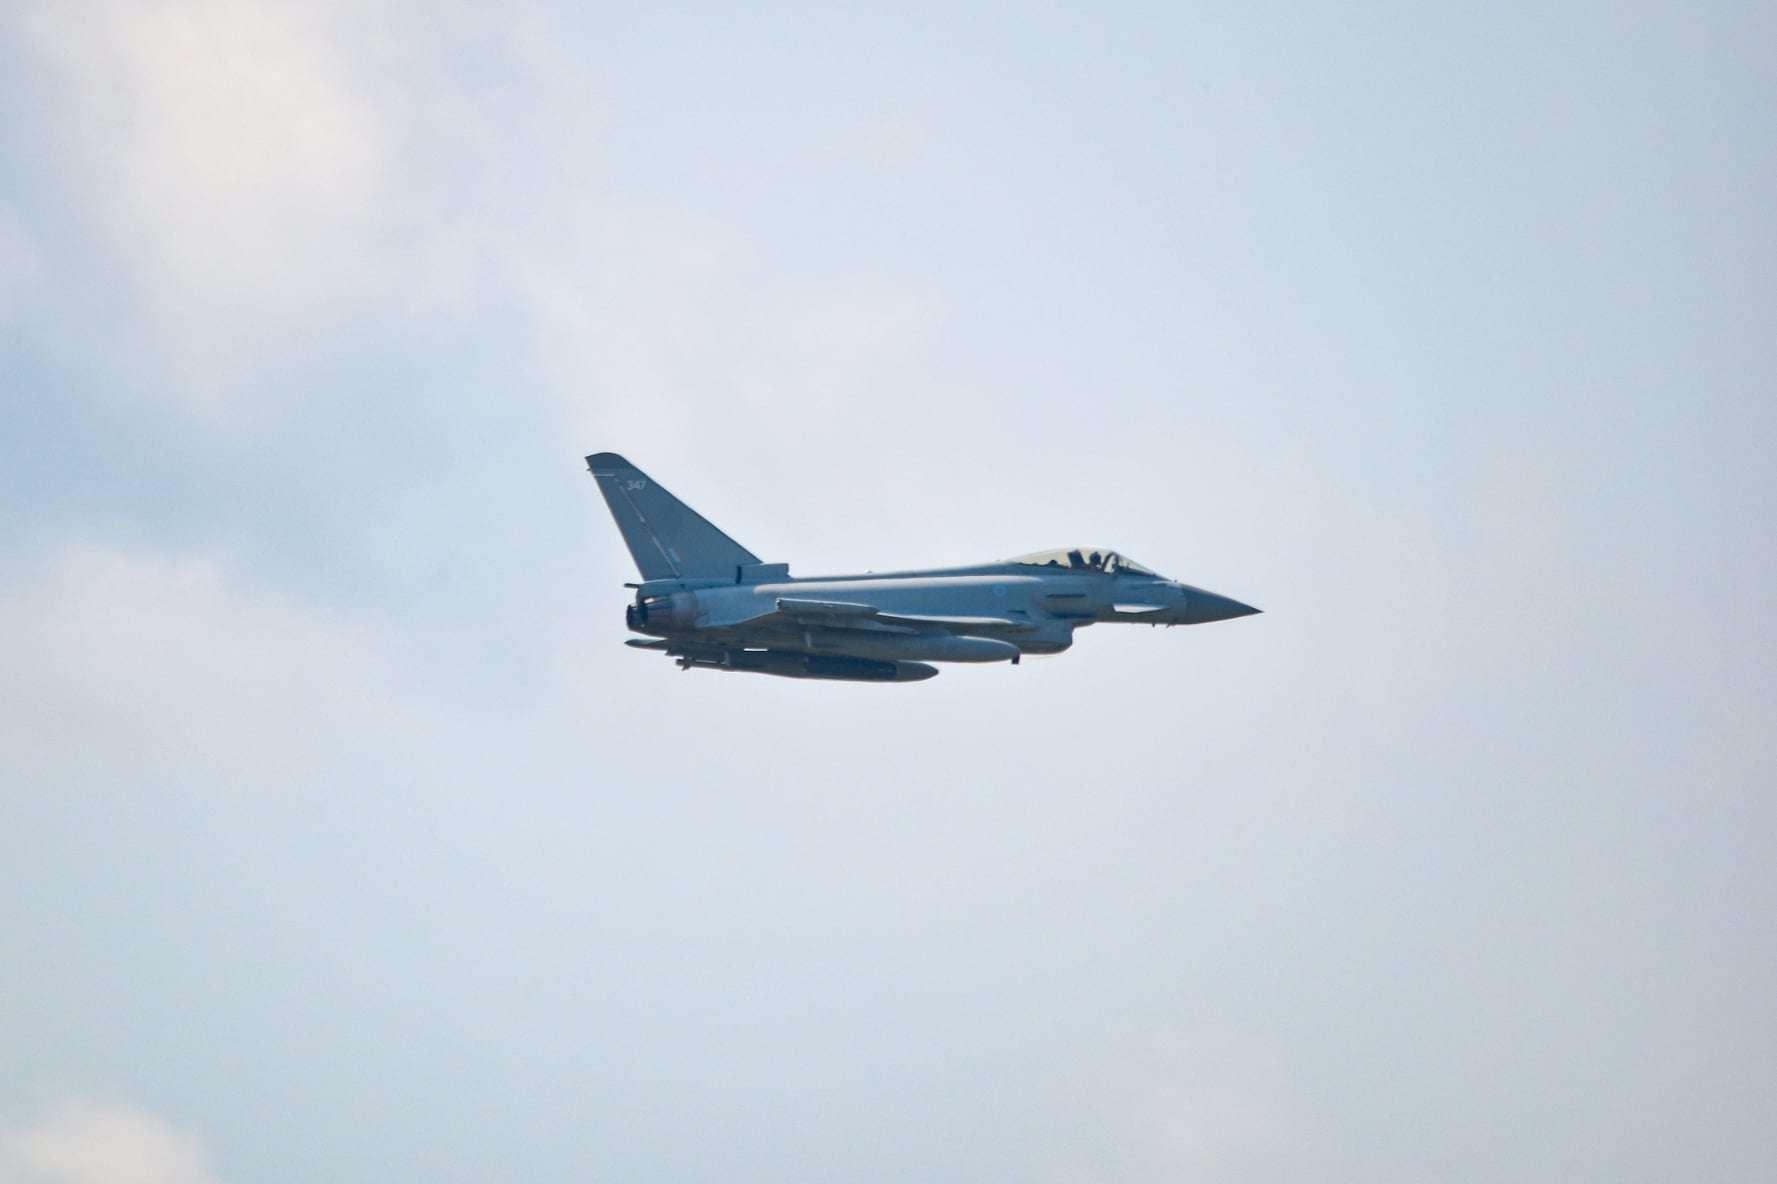 На учениях Sea Breeze-2021 прошли полеты военной авиации ВСУ и НАТО – фото и видео